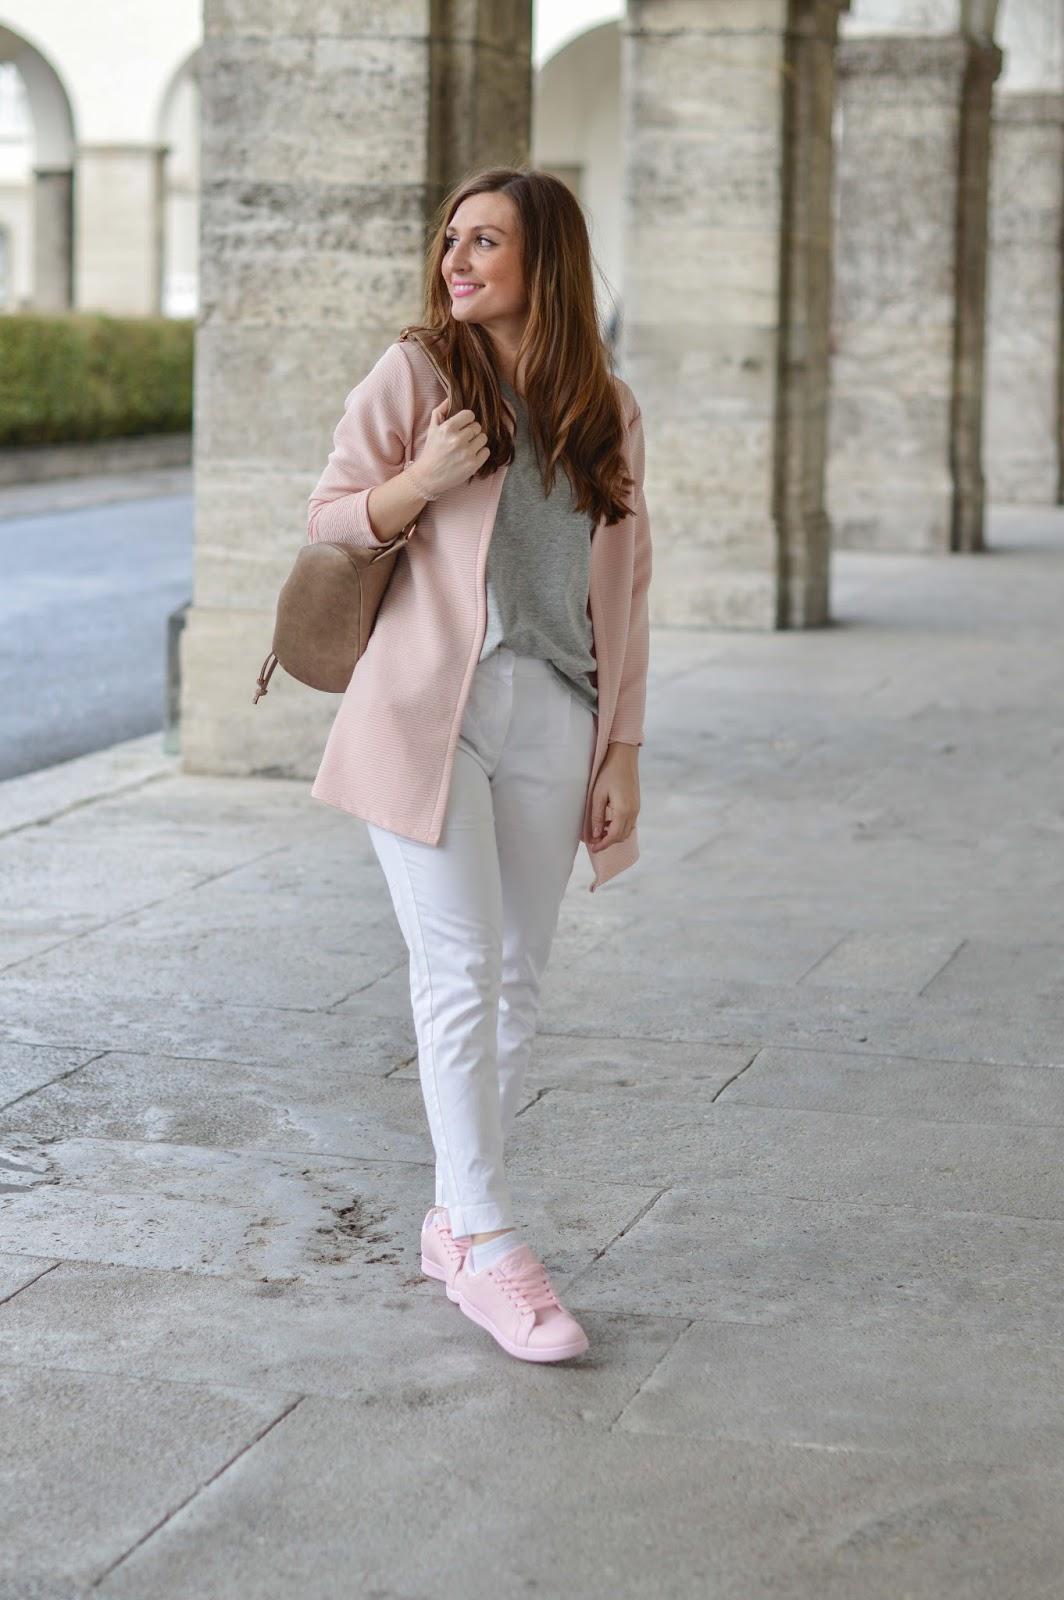 Fashionstylebyjohanna - My Colloseum - Colloseum - Forever 18 -  Fashionblogger aus Deutschland - Deutsche Fashionblogger - Modeblogger aus Deutschland